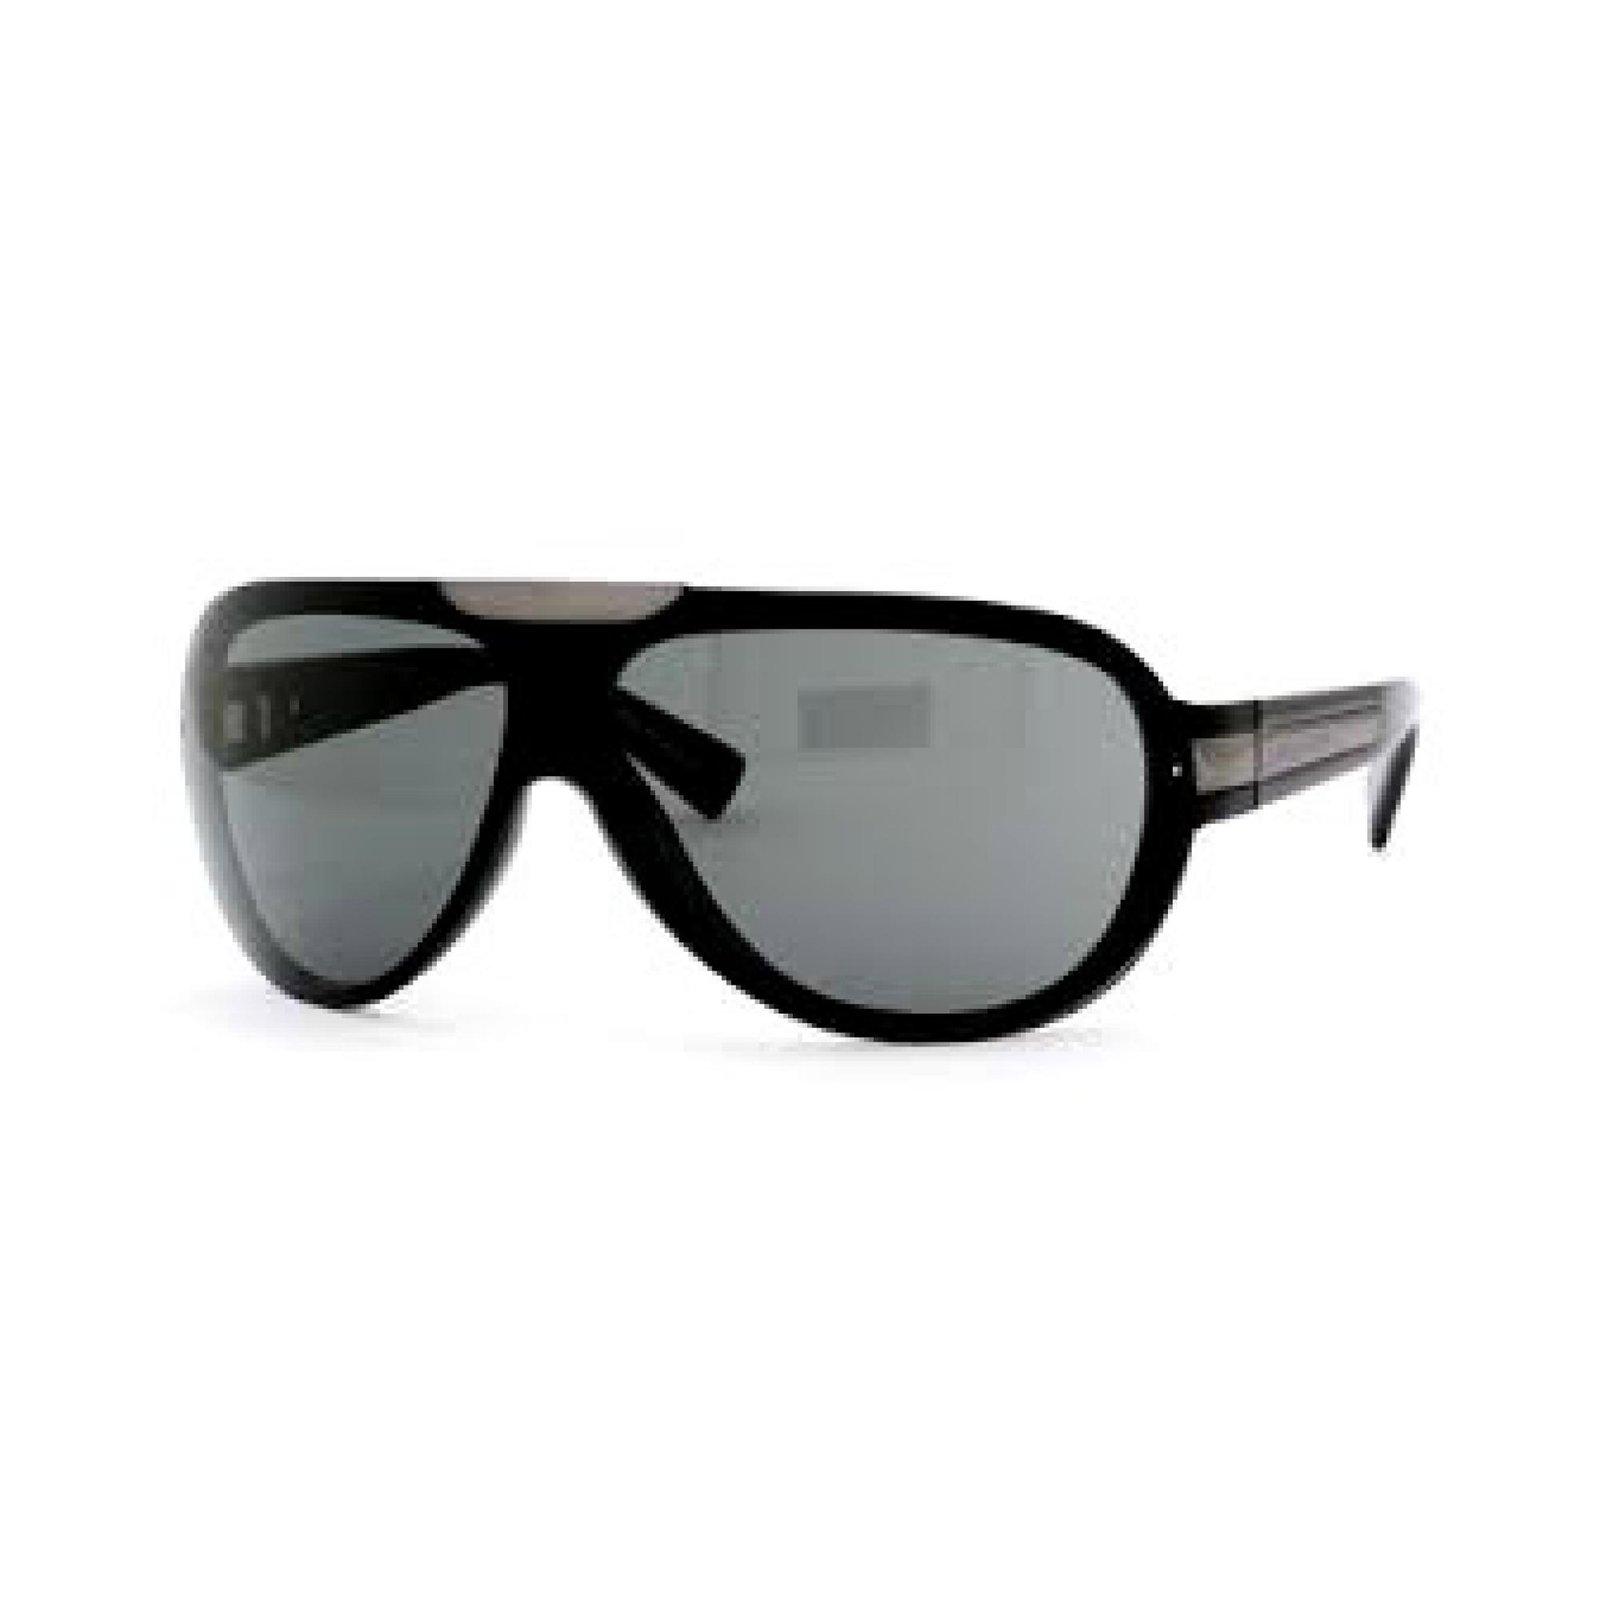 Giorgio Armani Sunglasses Sunglasses Other Black ref.41778 ...